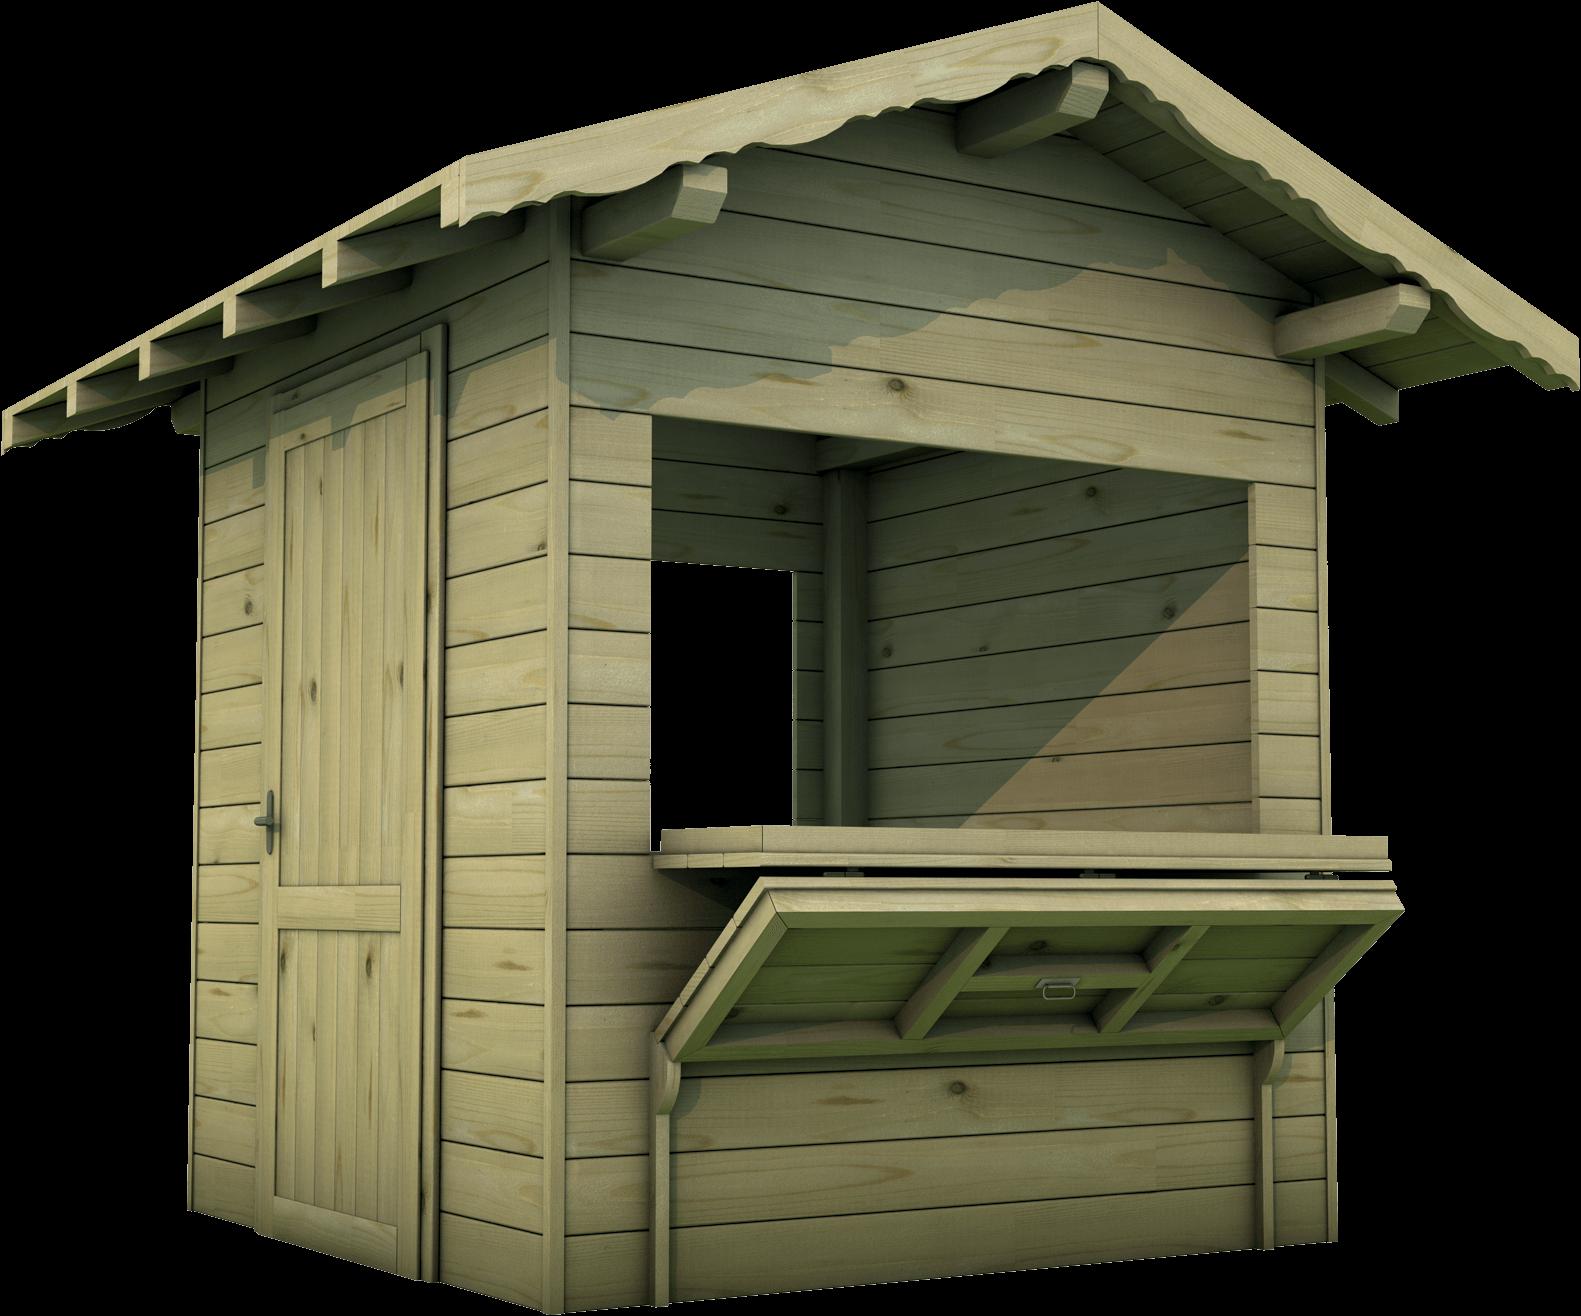 Chiosco in legno di pino nordico impregnato o larice realizzato da Linea Montanalegno - ILT